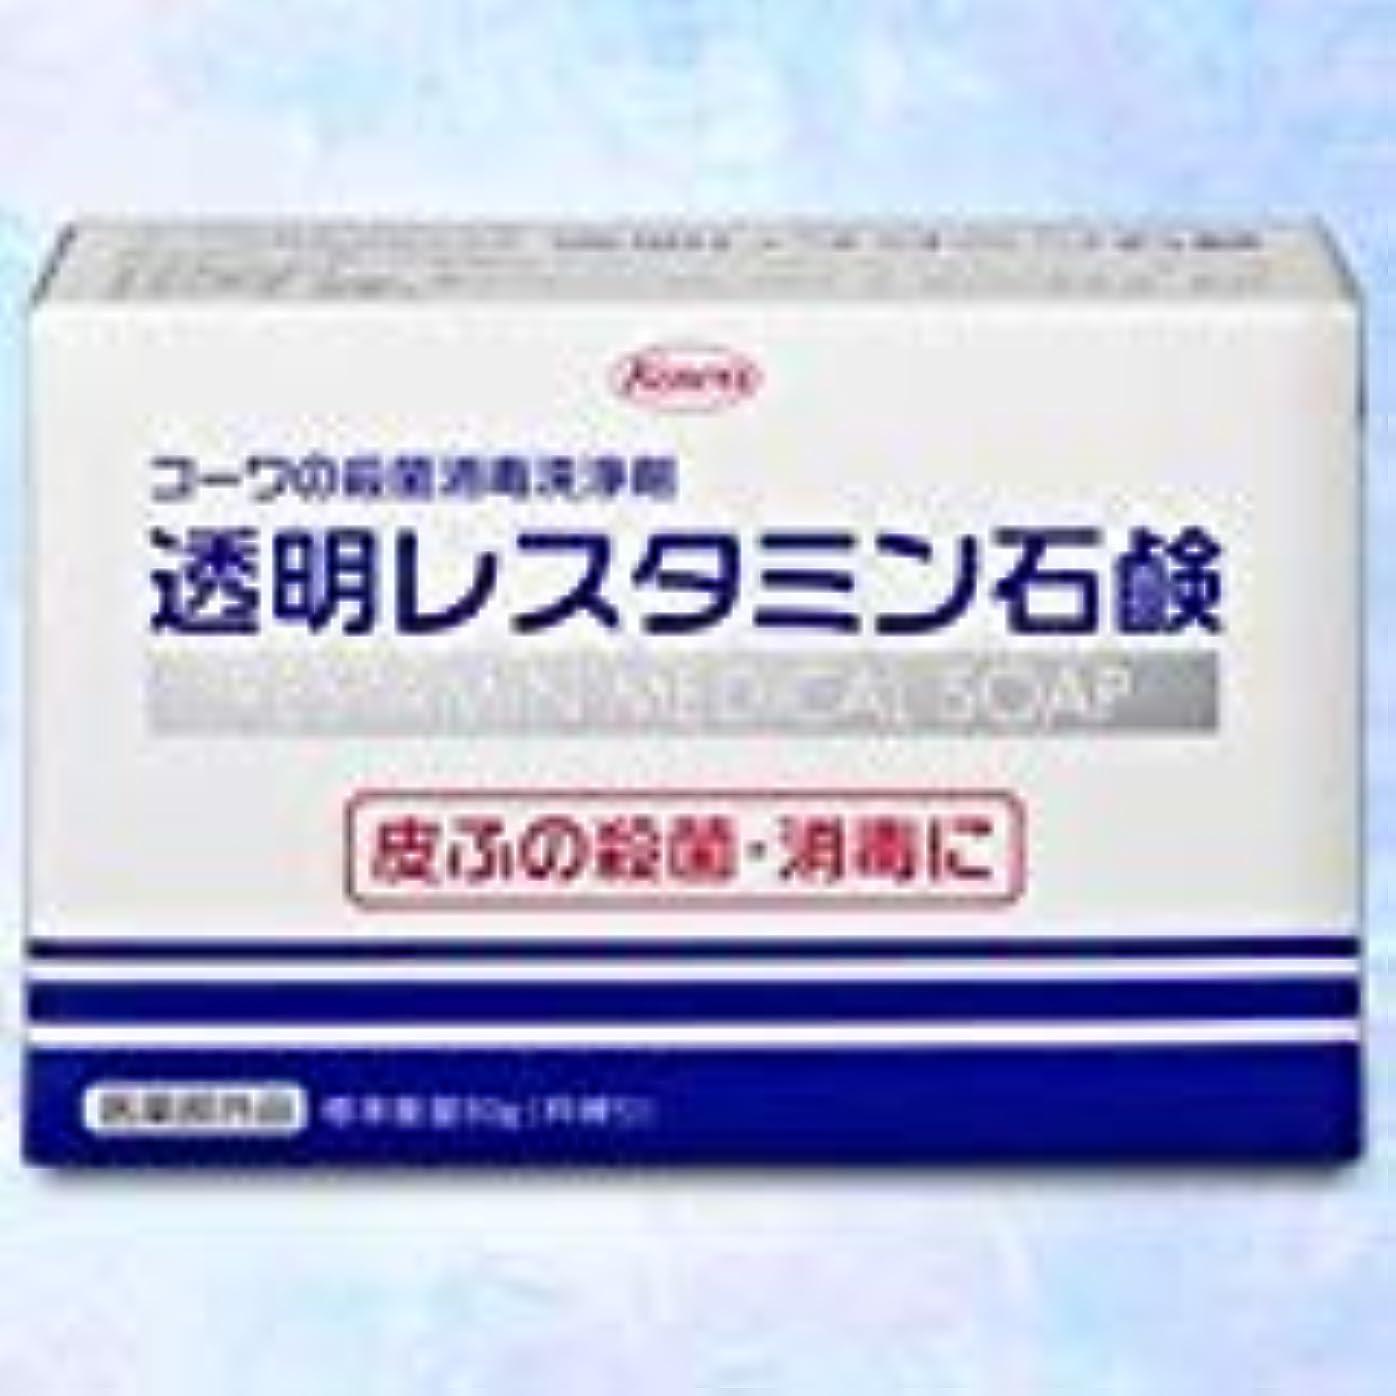 ストライプカテナ鯨【興和】コーワの殺菌消毒洗浄剤「透明レスタミン石鹸」80g(医薬部外品) ×3個セット